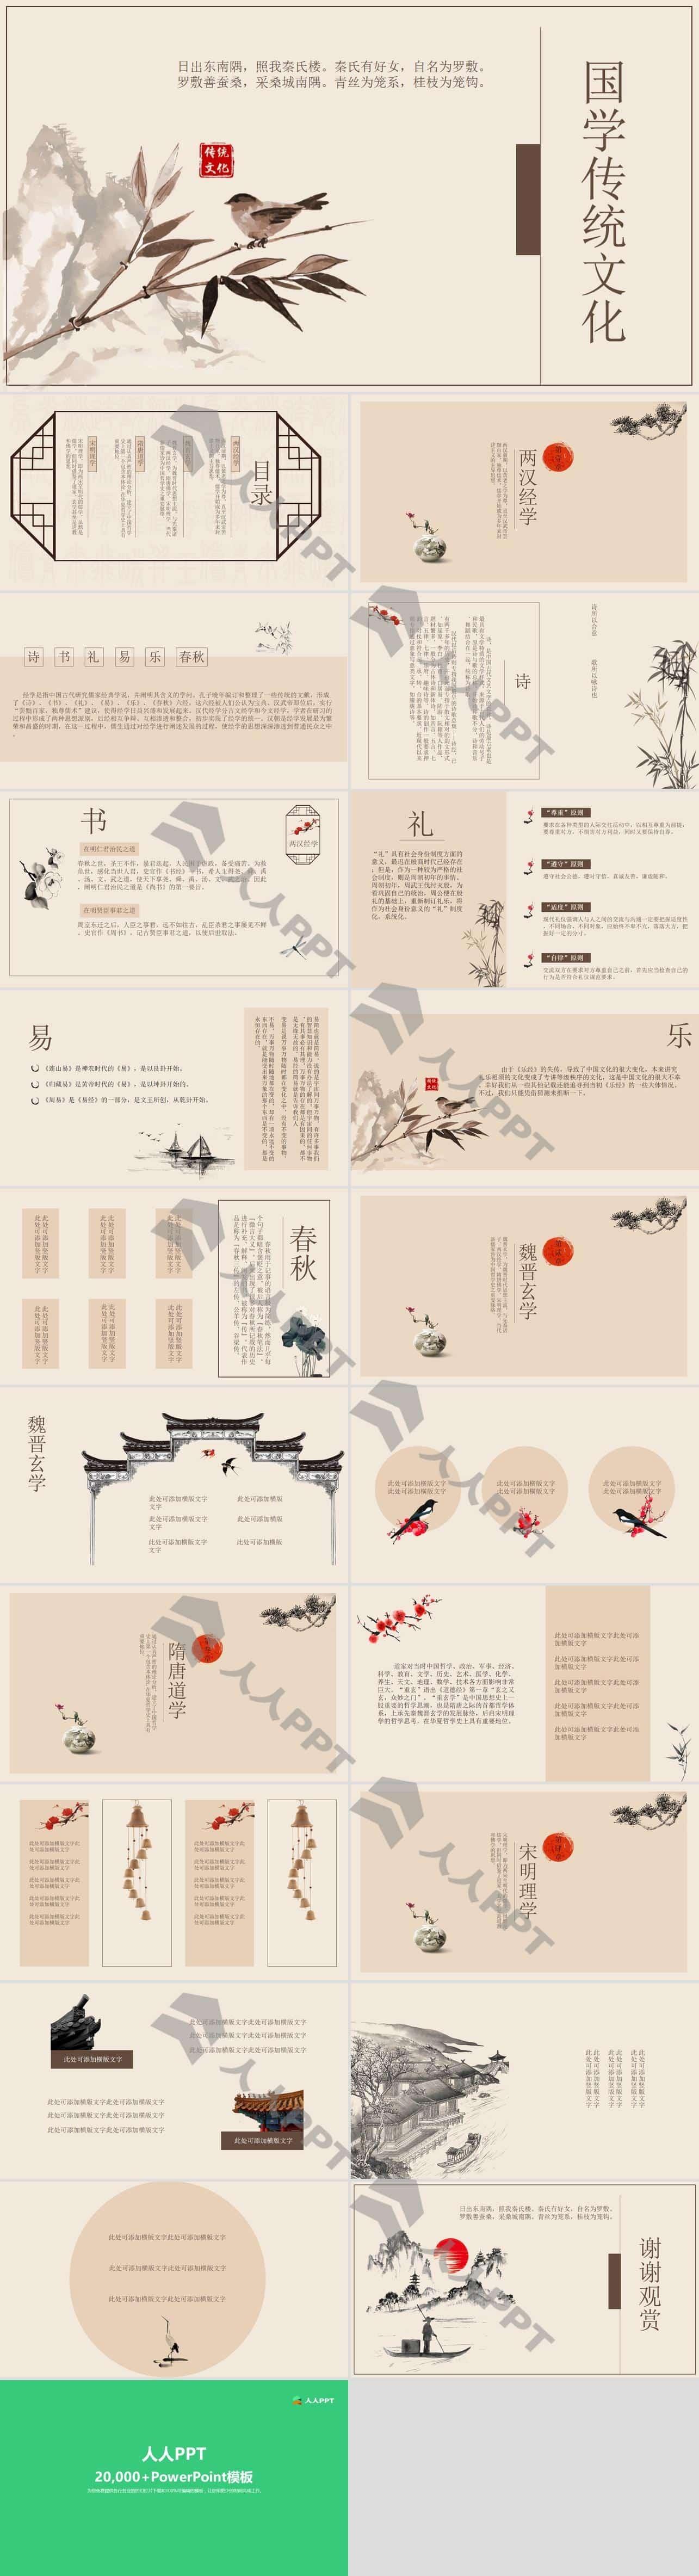 国学传统文化中国风PPT模板长图